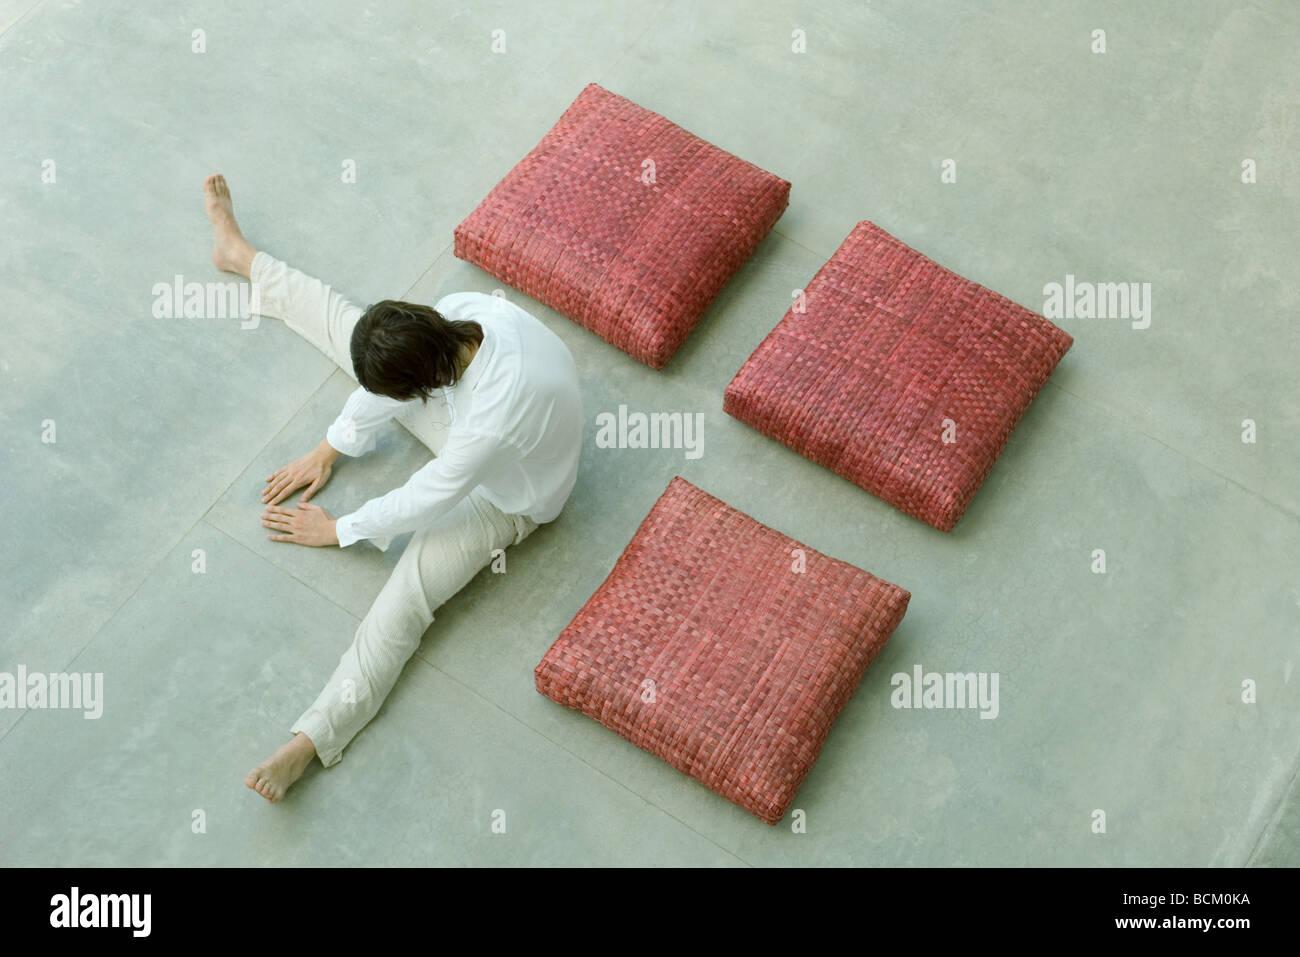 Tres almohadones cuadrados y man dispuestos en forma cuadrada, hombre inclinarse hacia delante con piernas separadas, Imagen De Stock